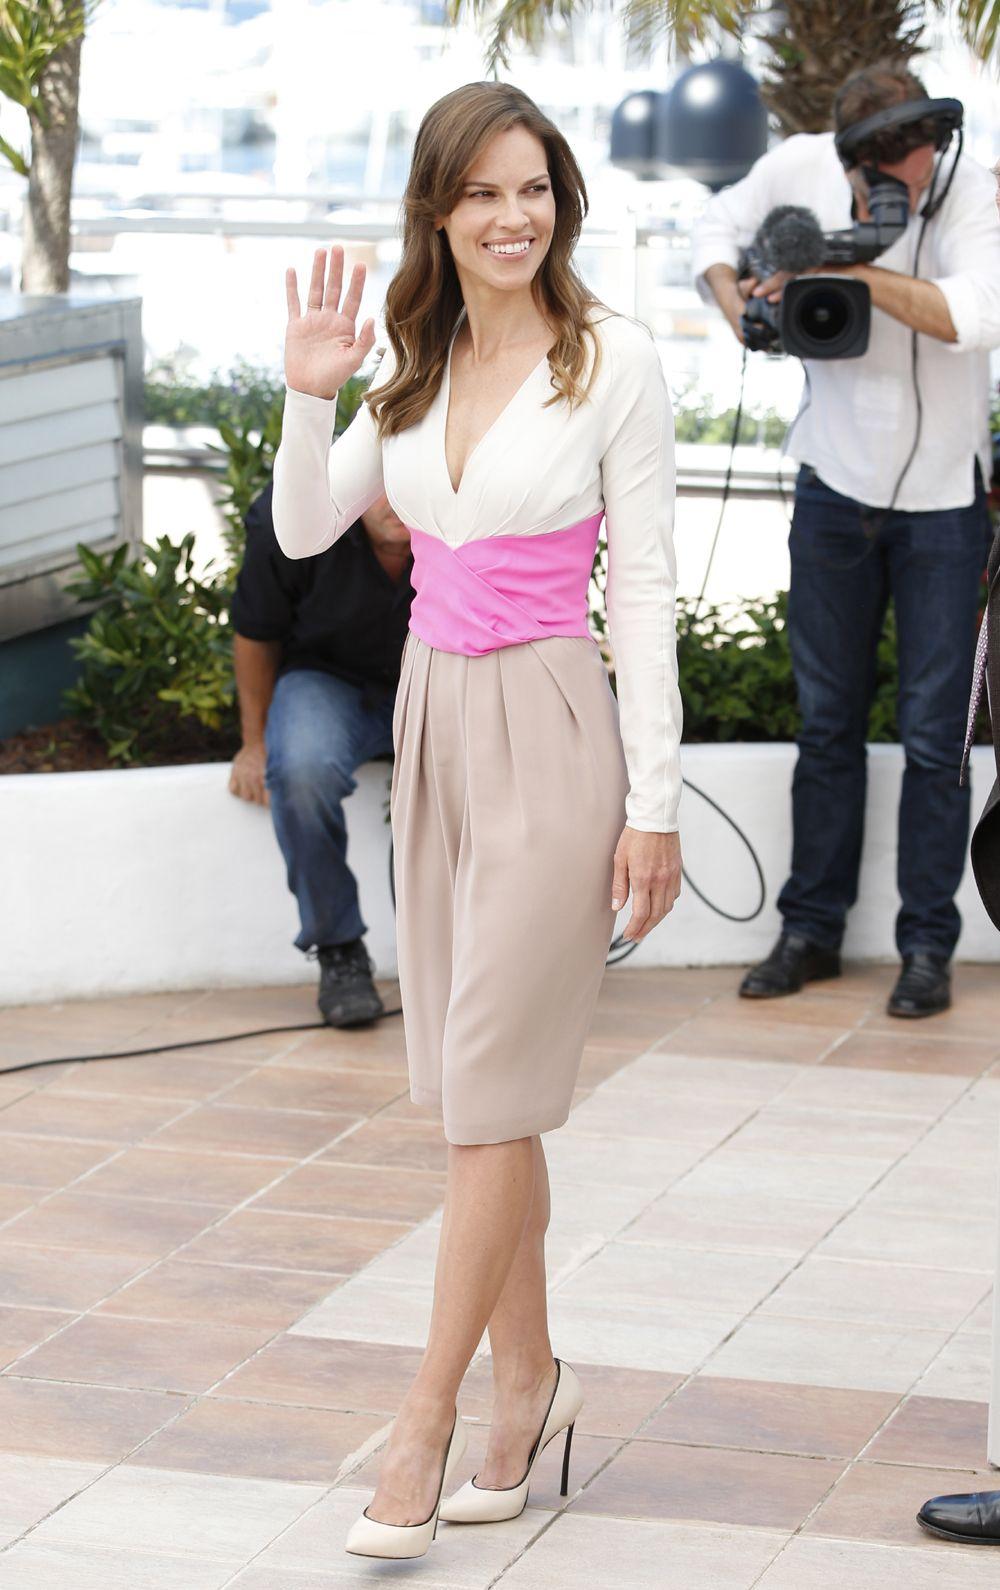 Imágenes Jornada La Quinta De Cannes Festival Del 2014 ChrsdxtQ